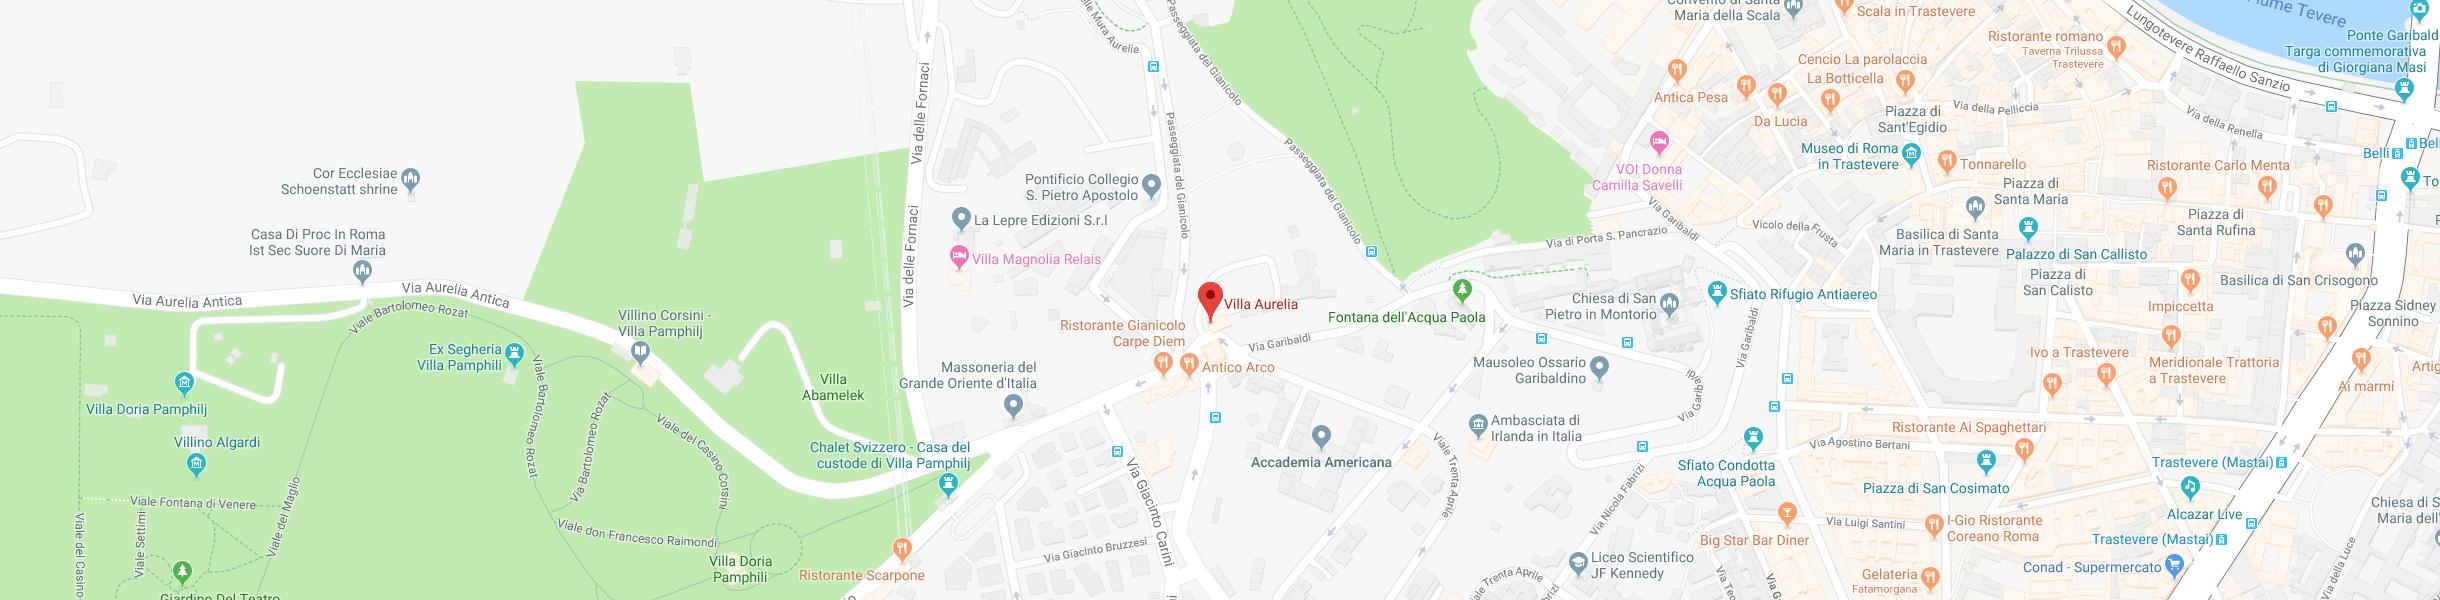 Clicca sulla mappa per ingrandirla o attivare la navigazione in Google Maps sul tuo sistema mobile.